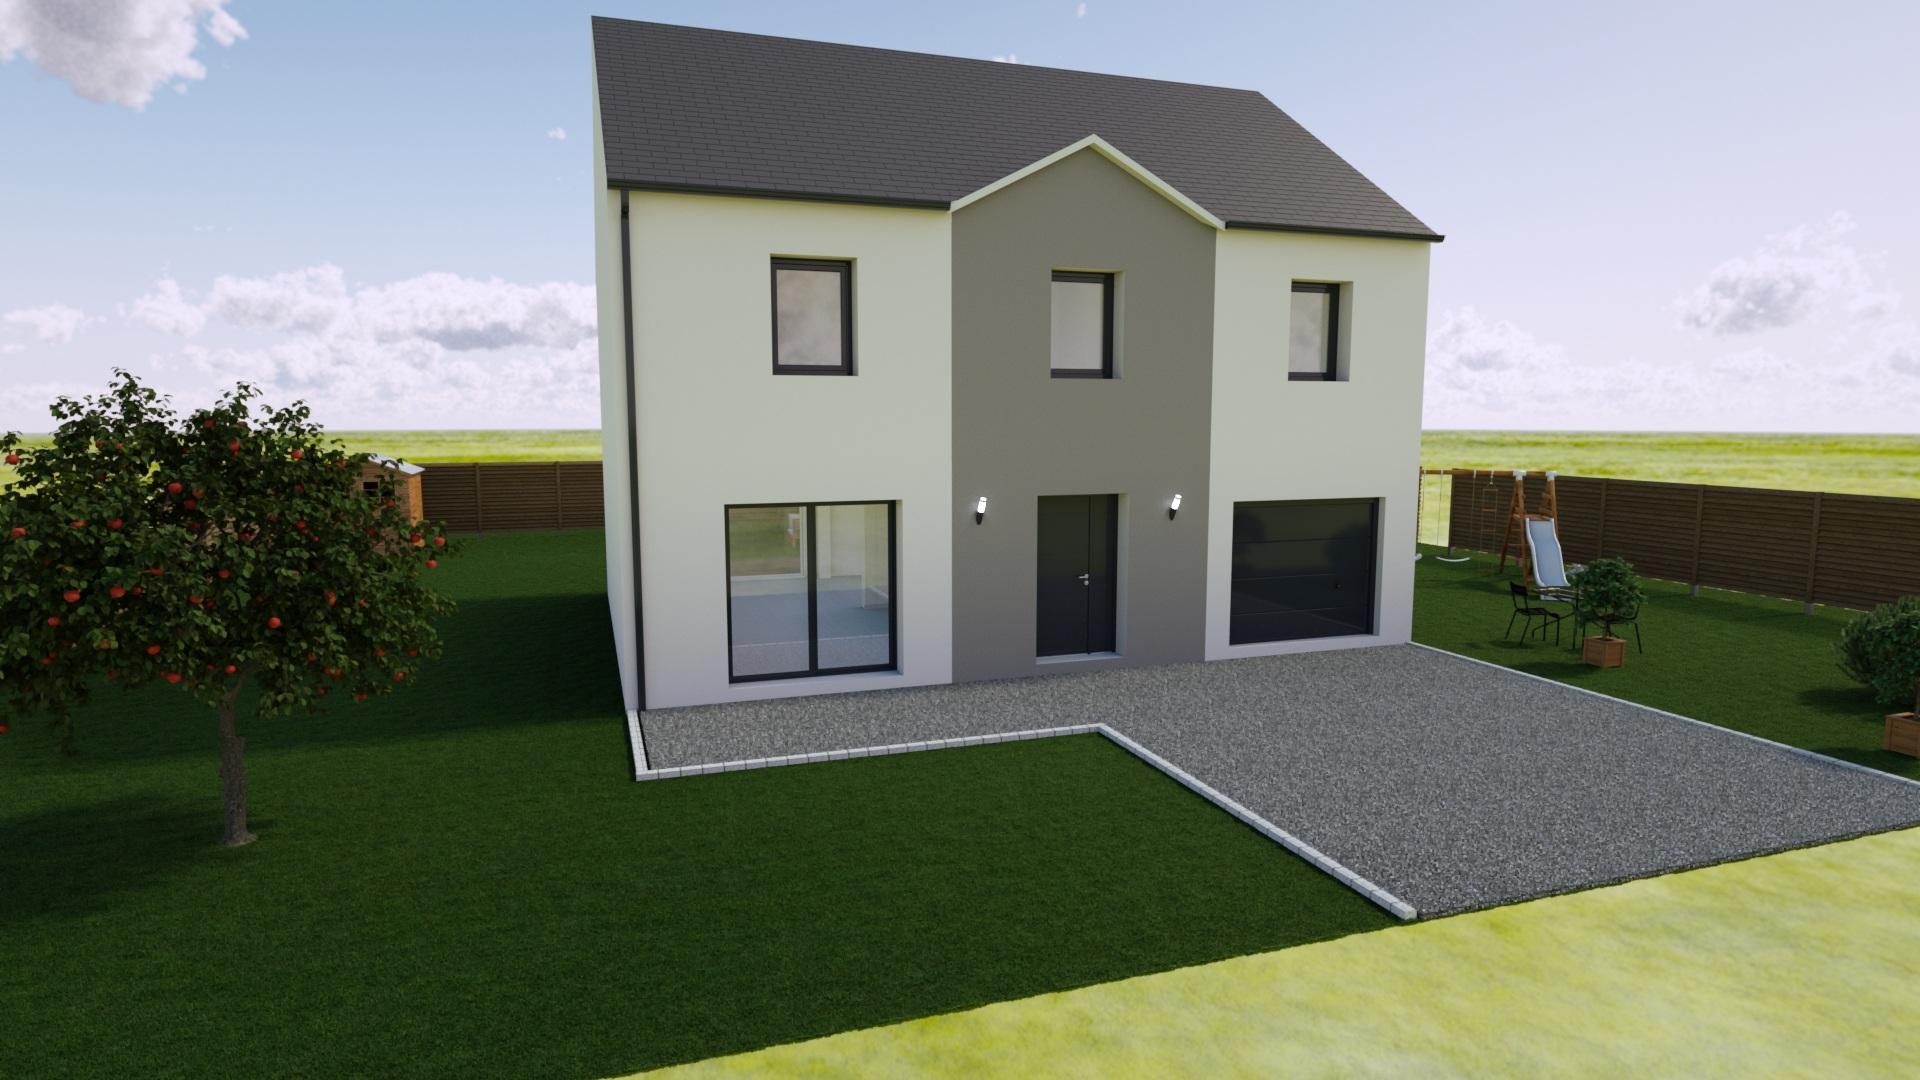 Maisons + Terrains du constructeur MAISON FAMILIALE • 130 m² • FONTENAY TRESIGNY